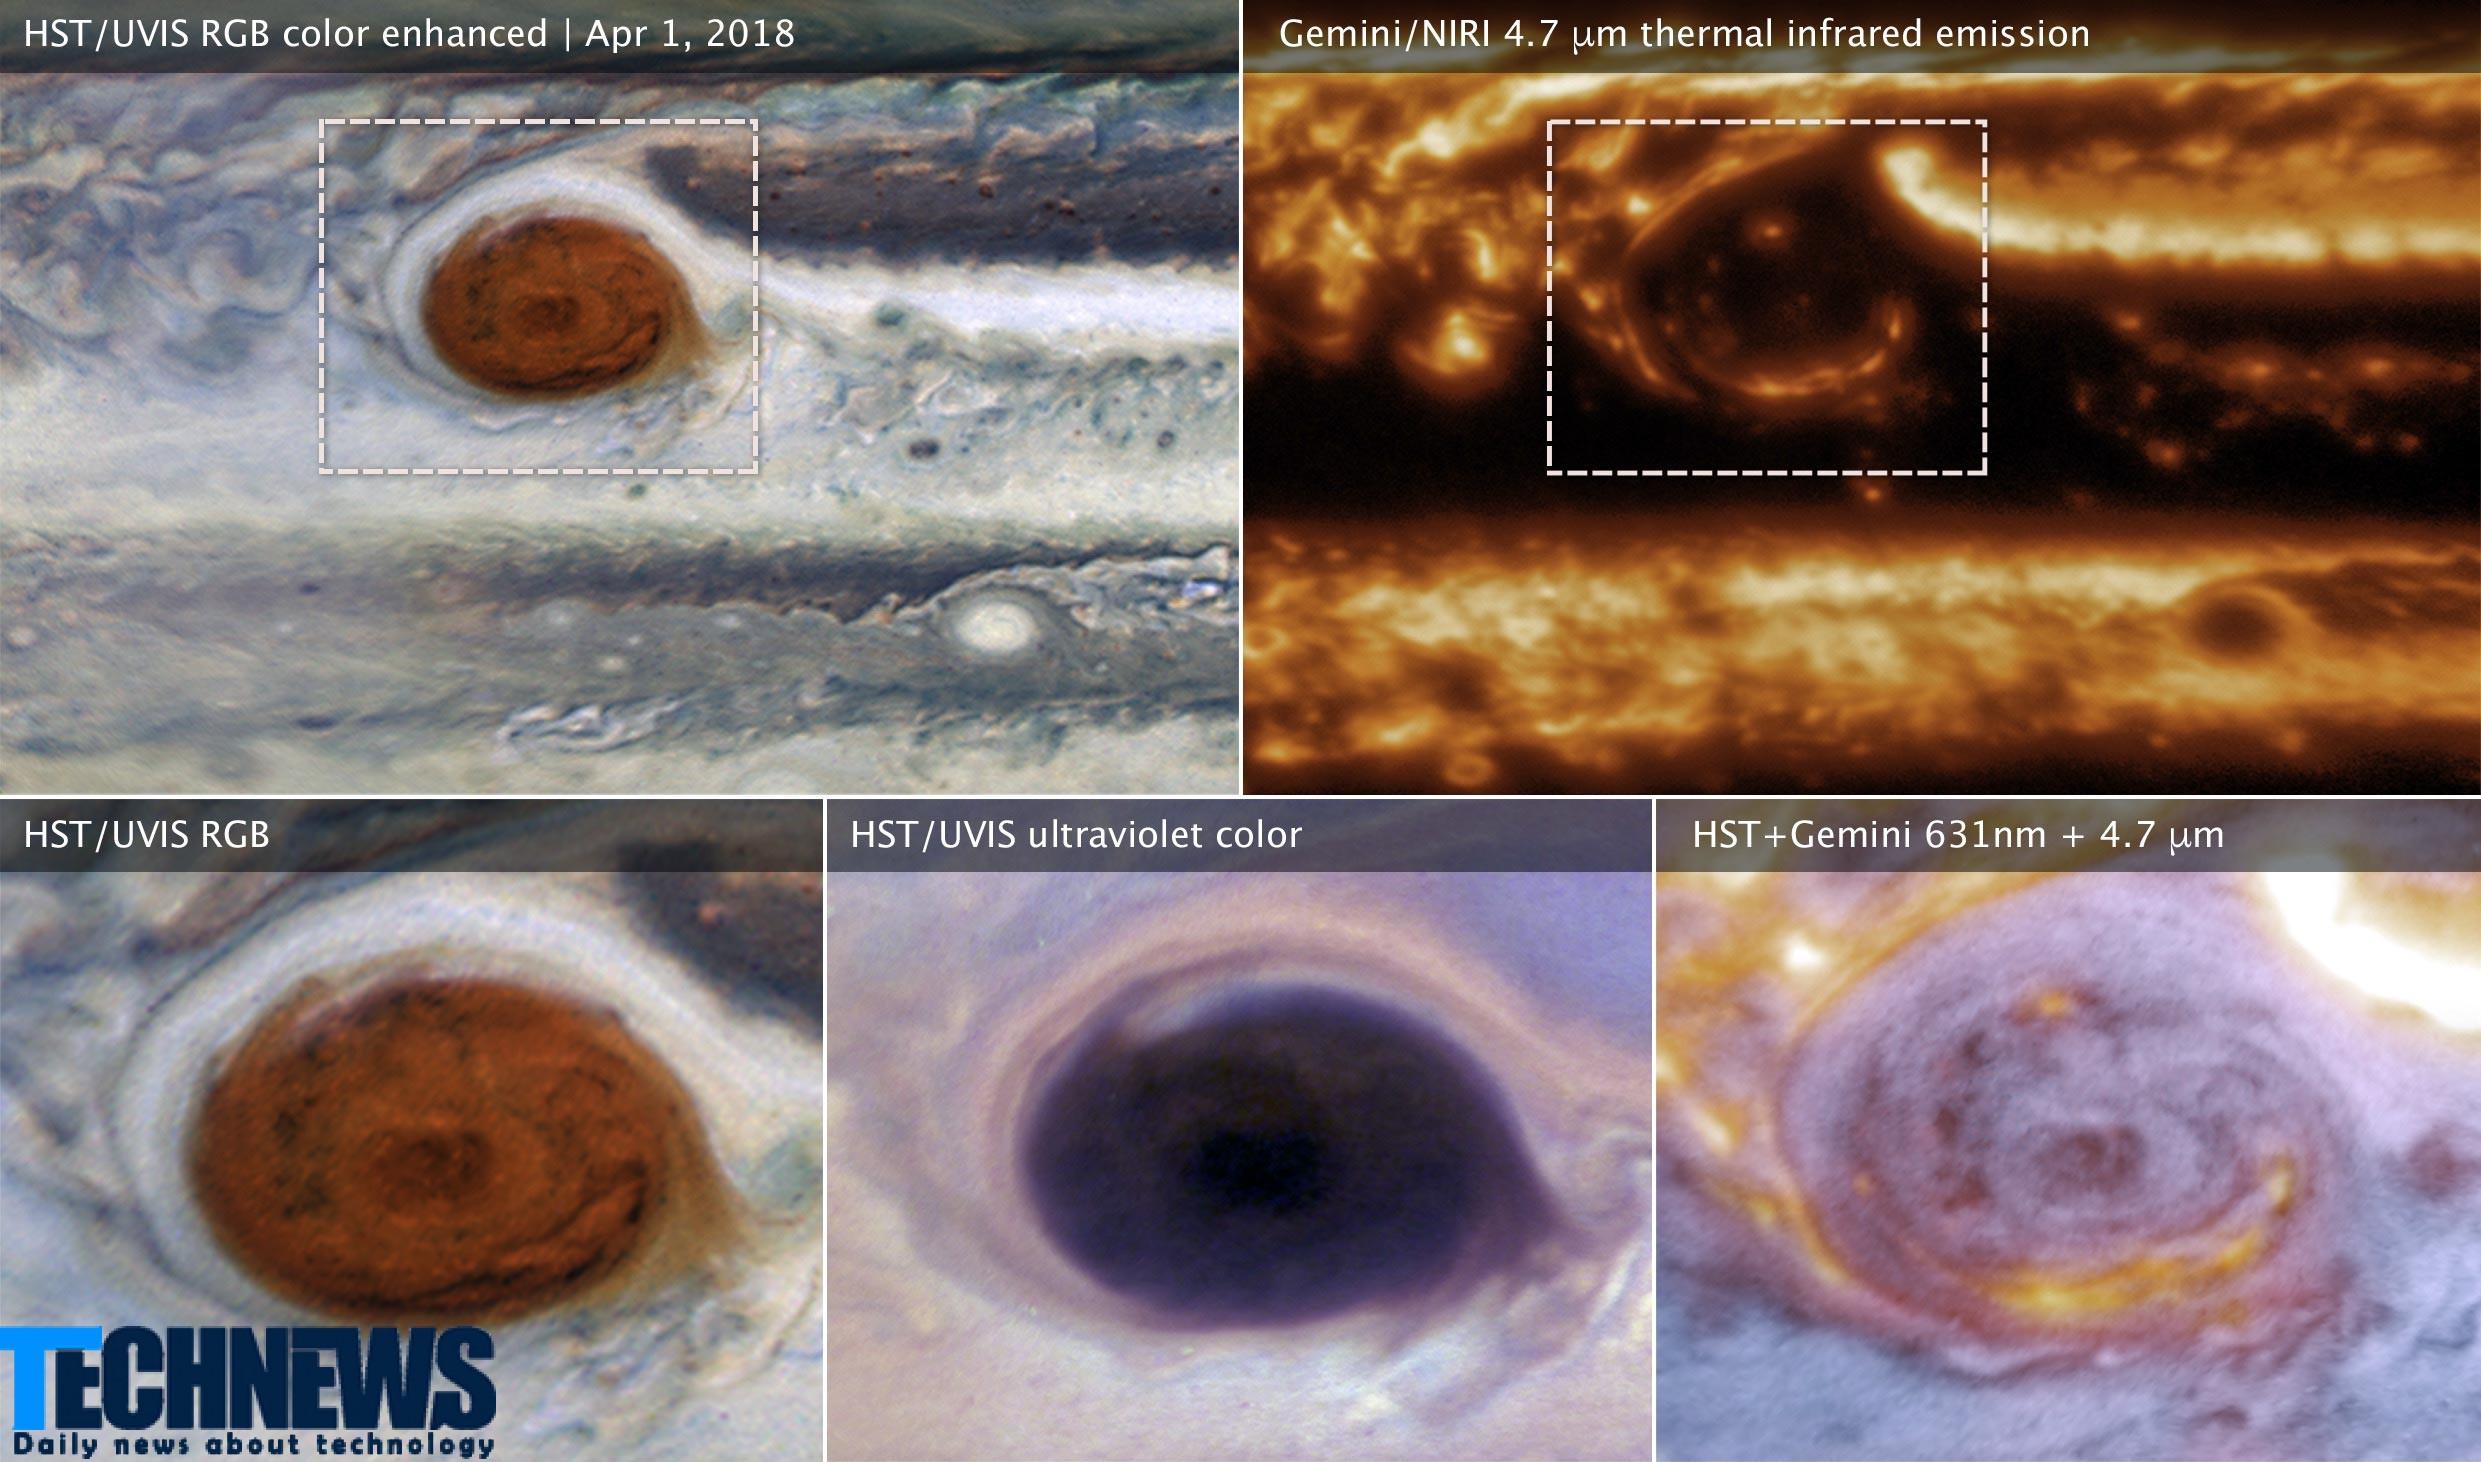 ثبت تصاویر بی نظیری از سیاره مشتری با کمک تلسکوب جمنای